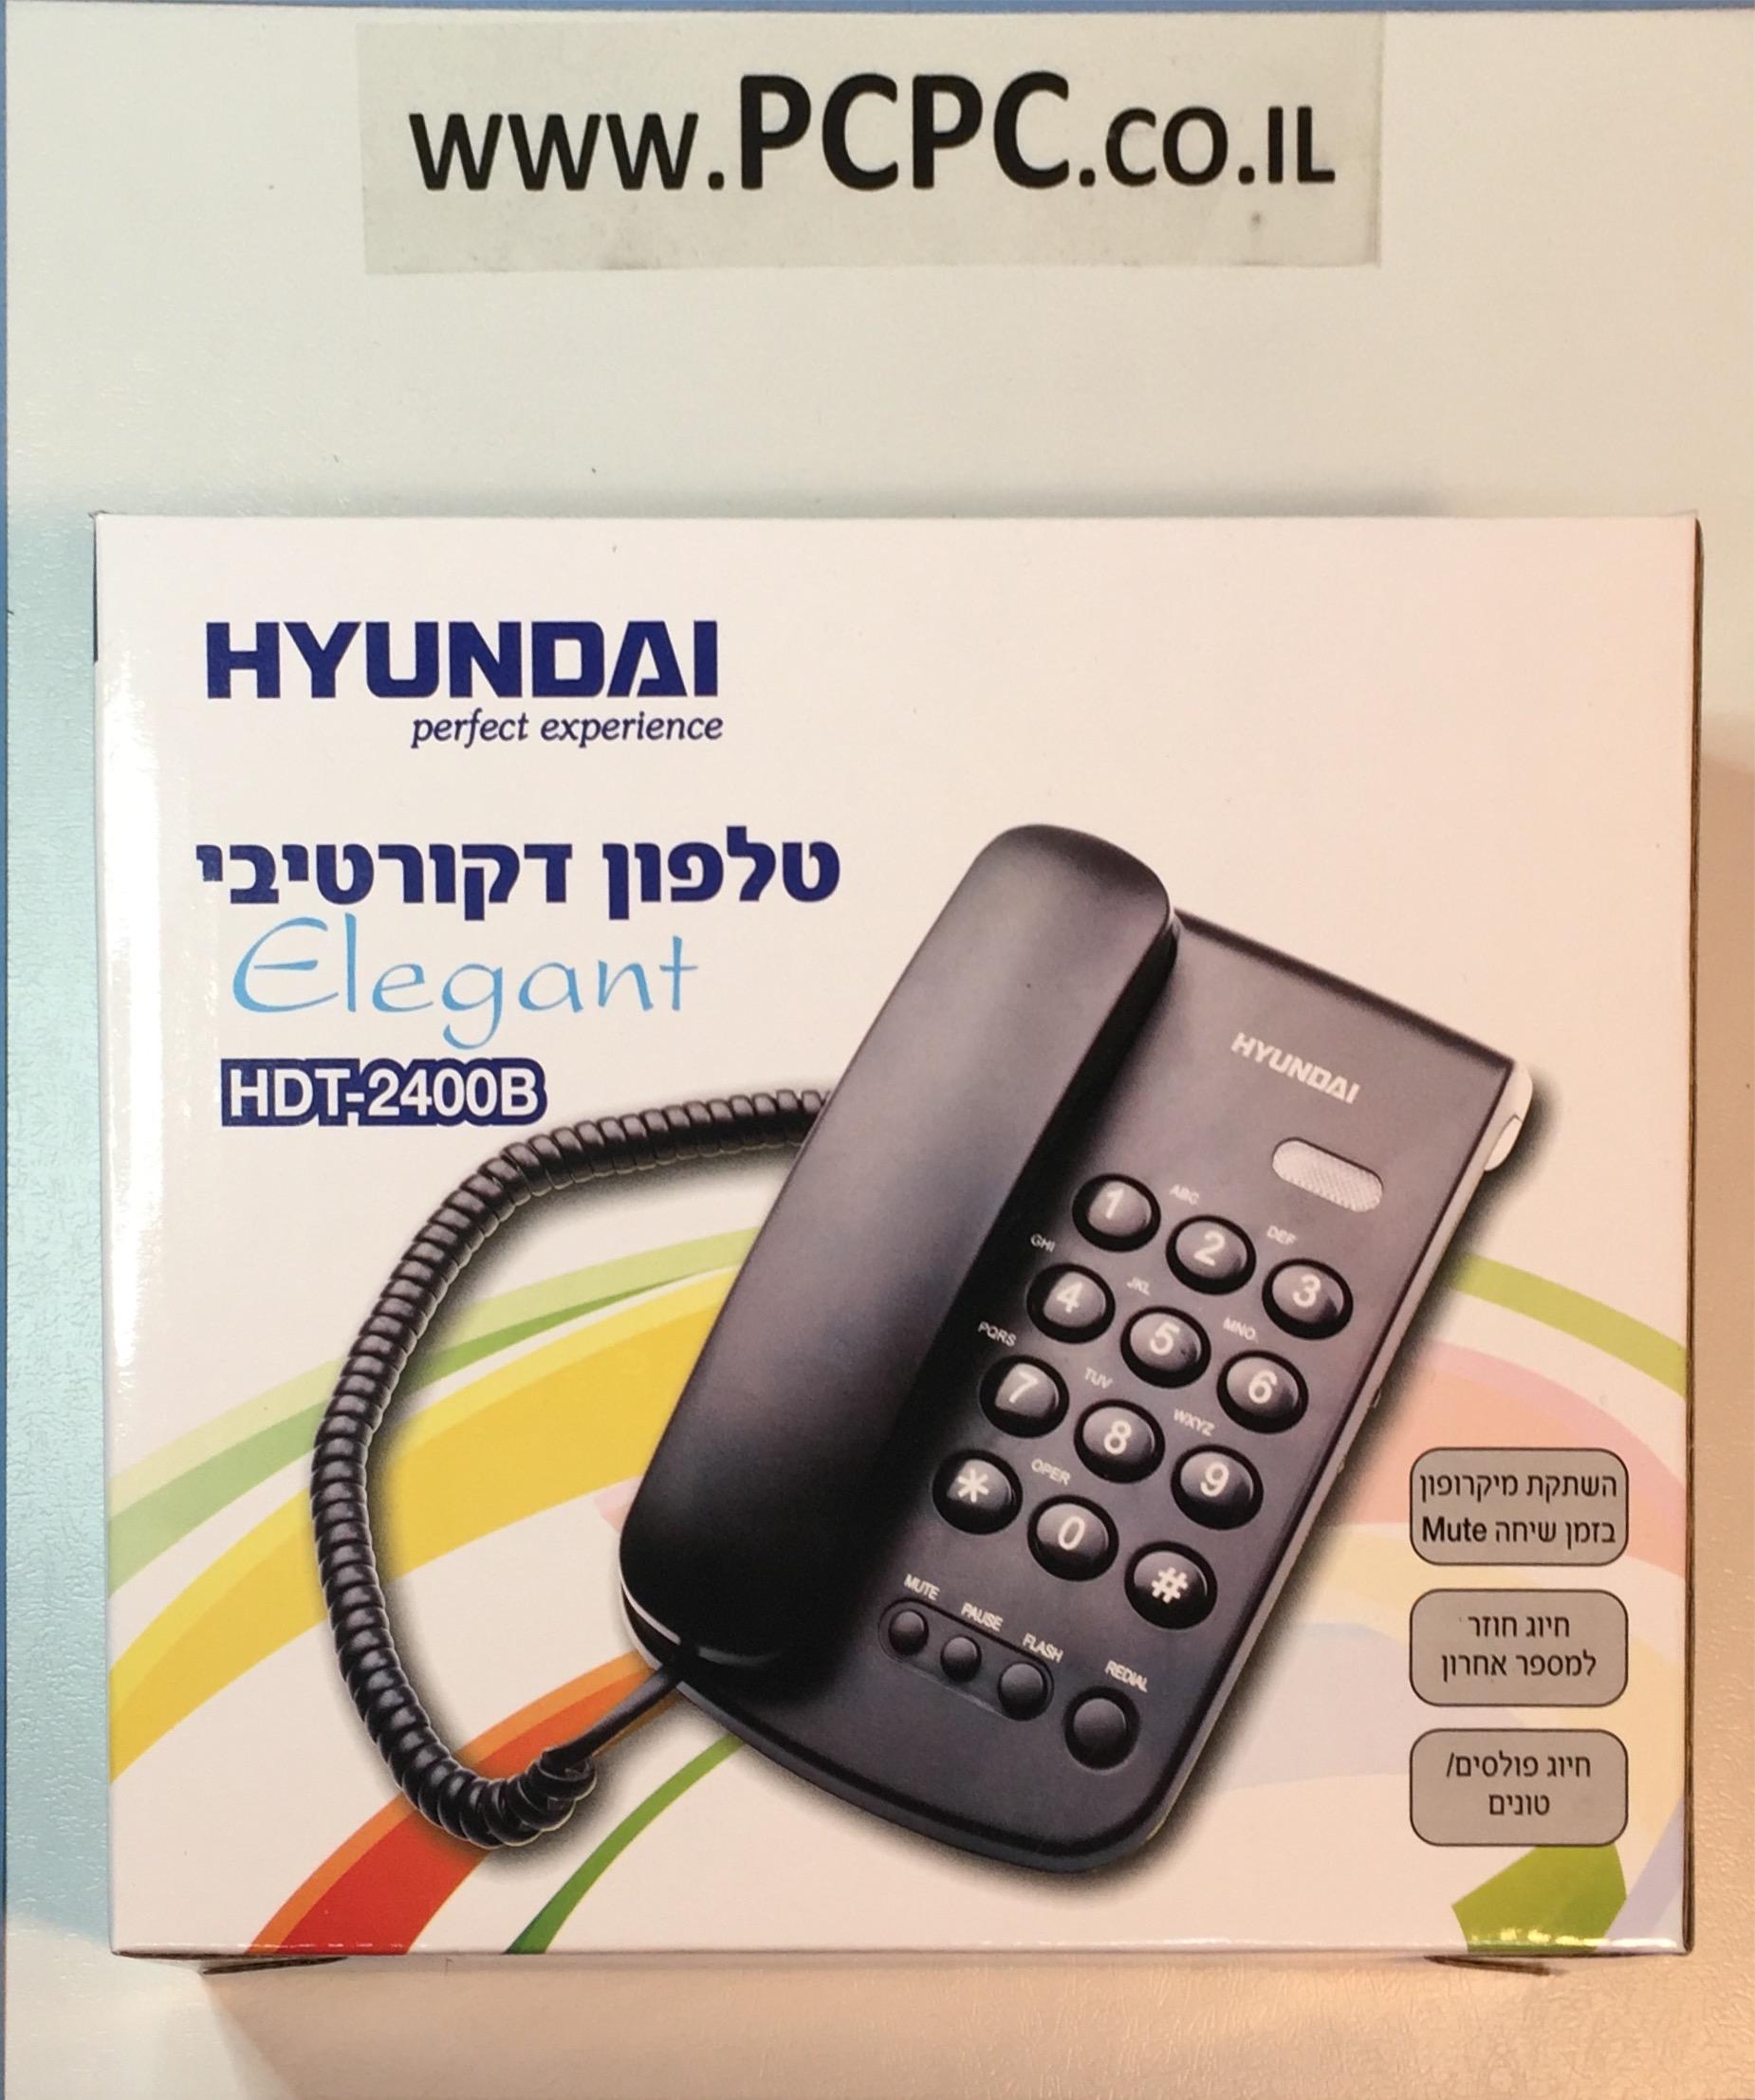 טלפון דקורטיבי שחור   HDT-2400B